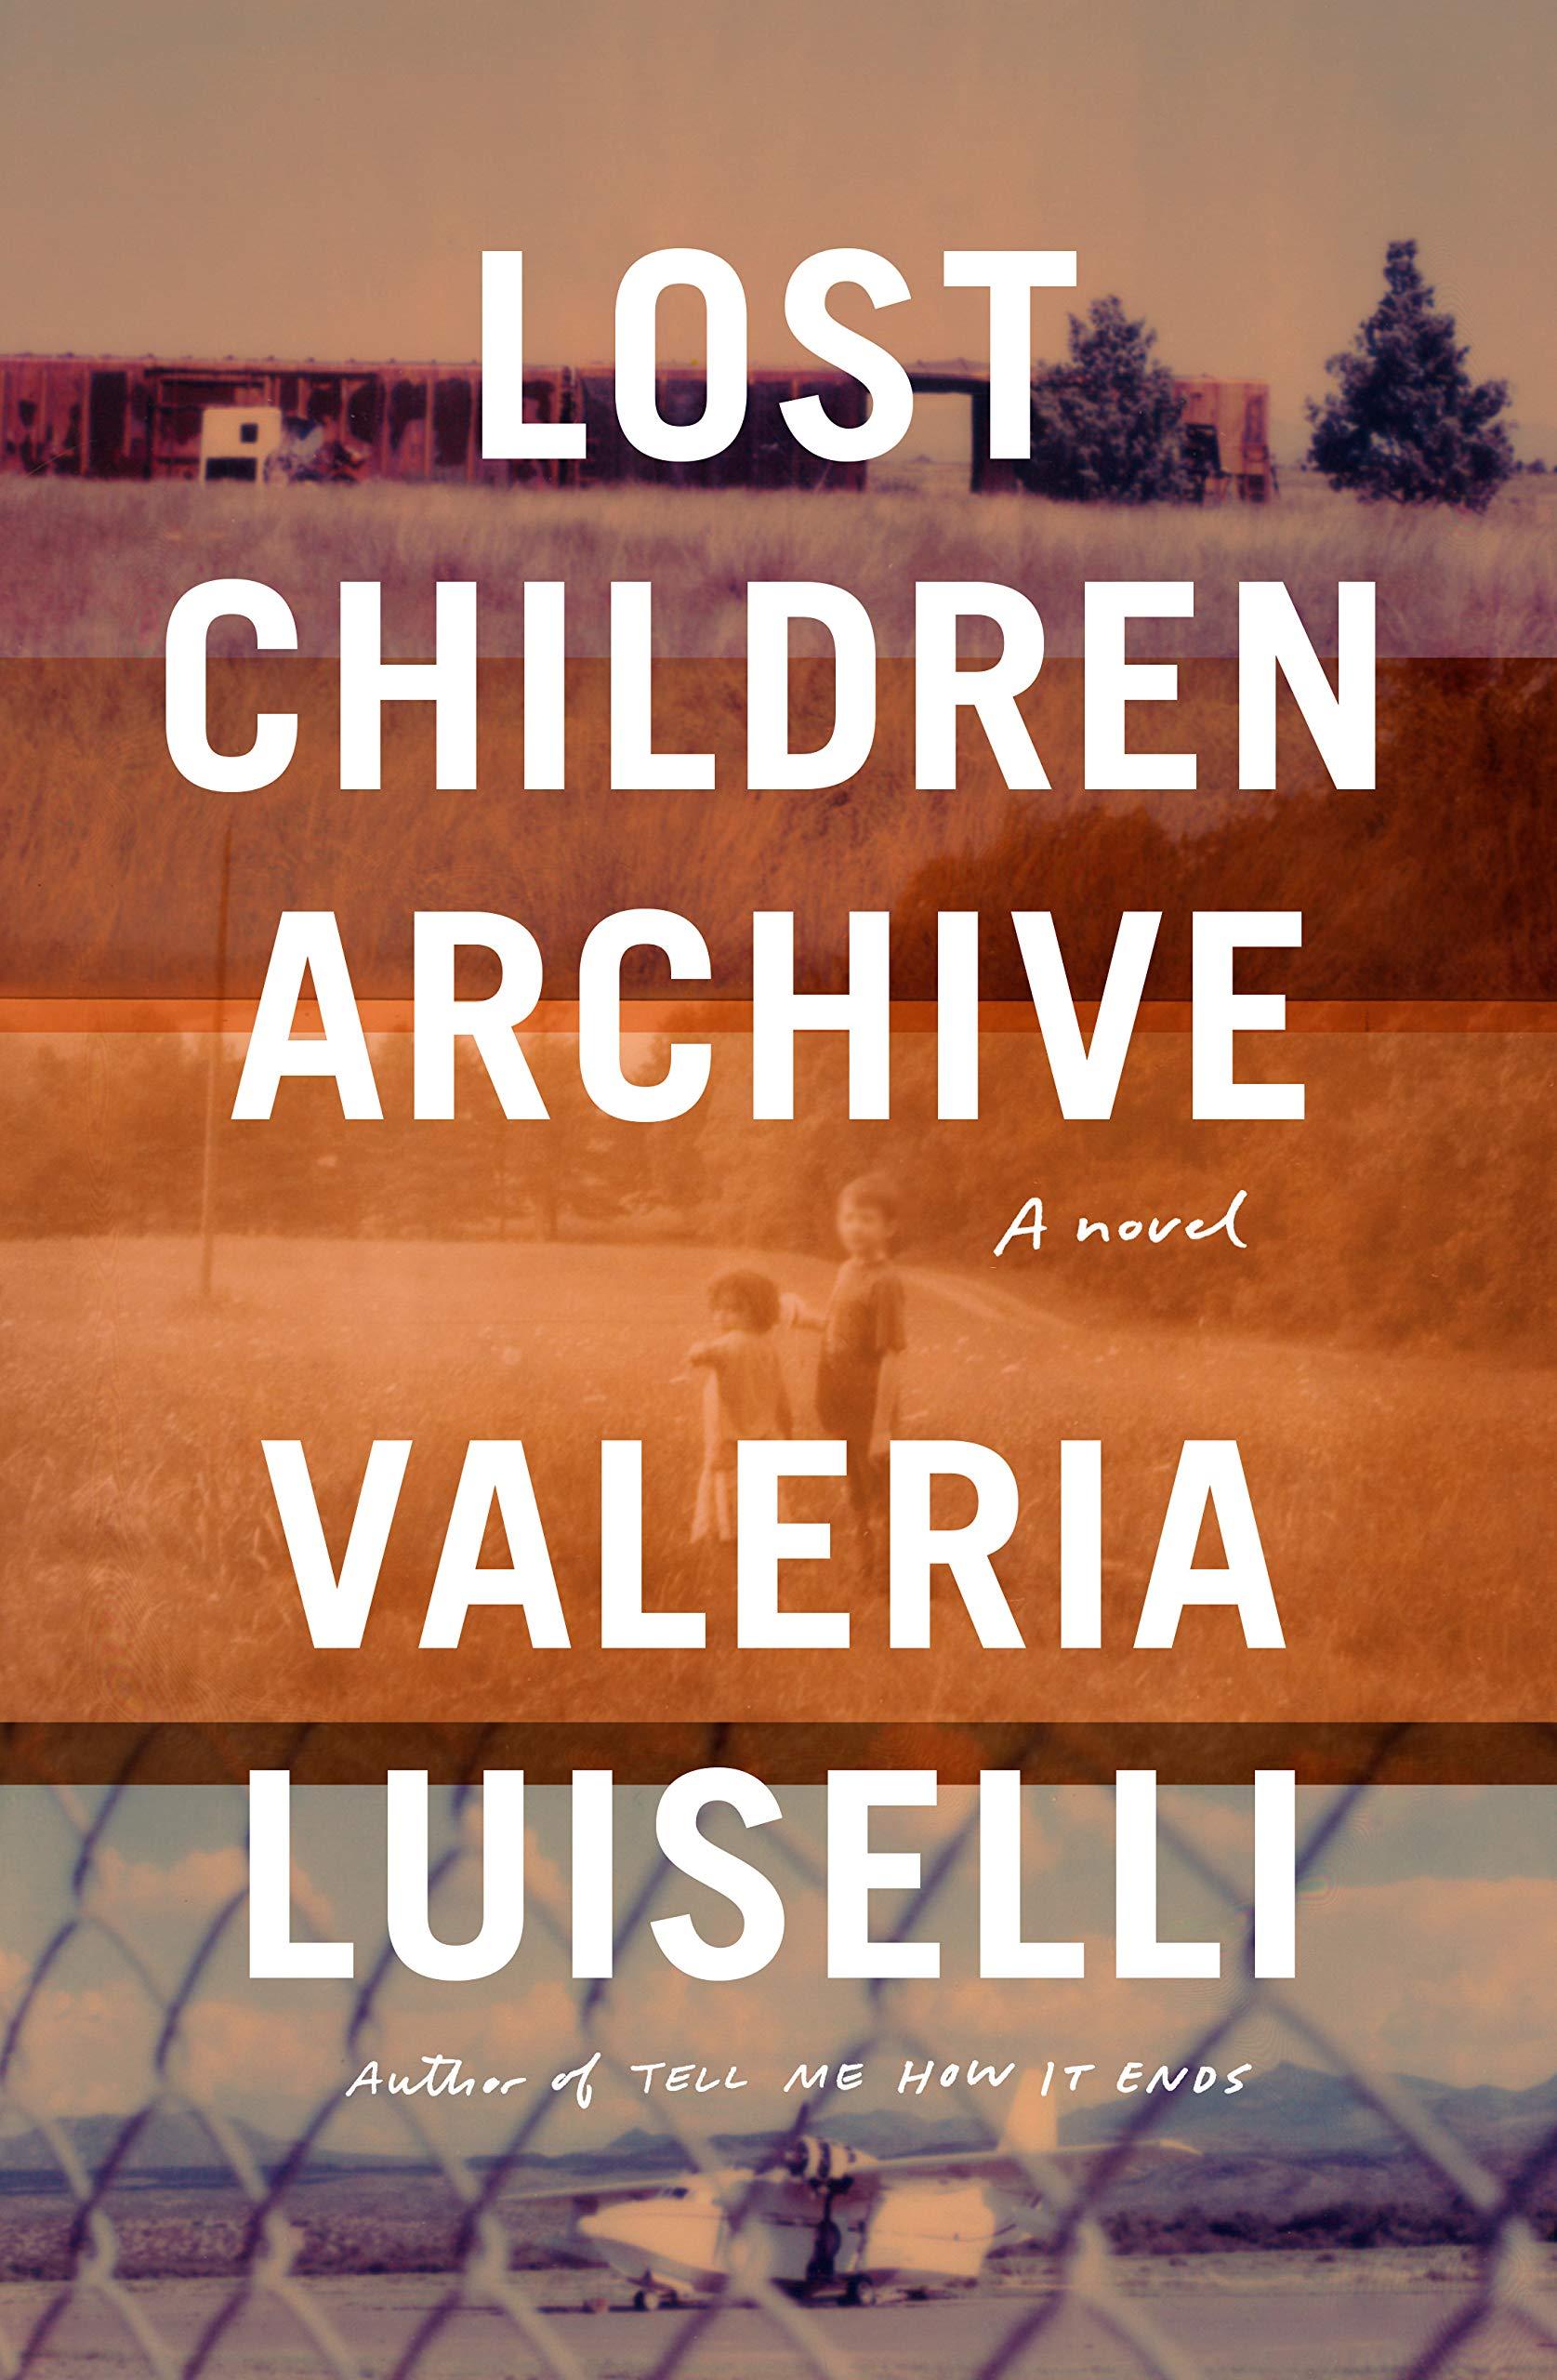 Lost Children Archive cover.